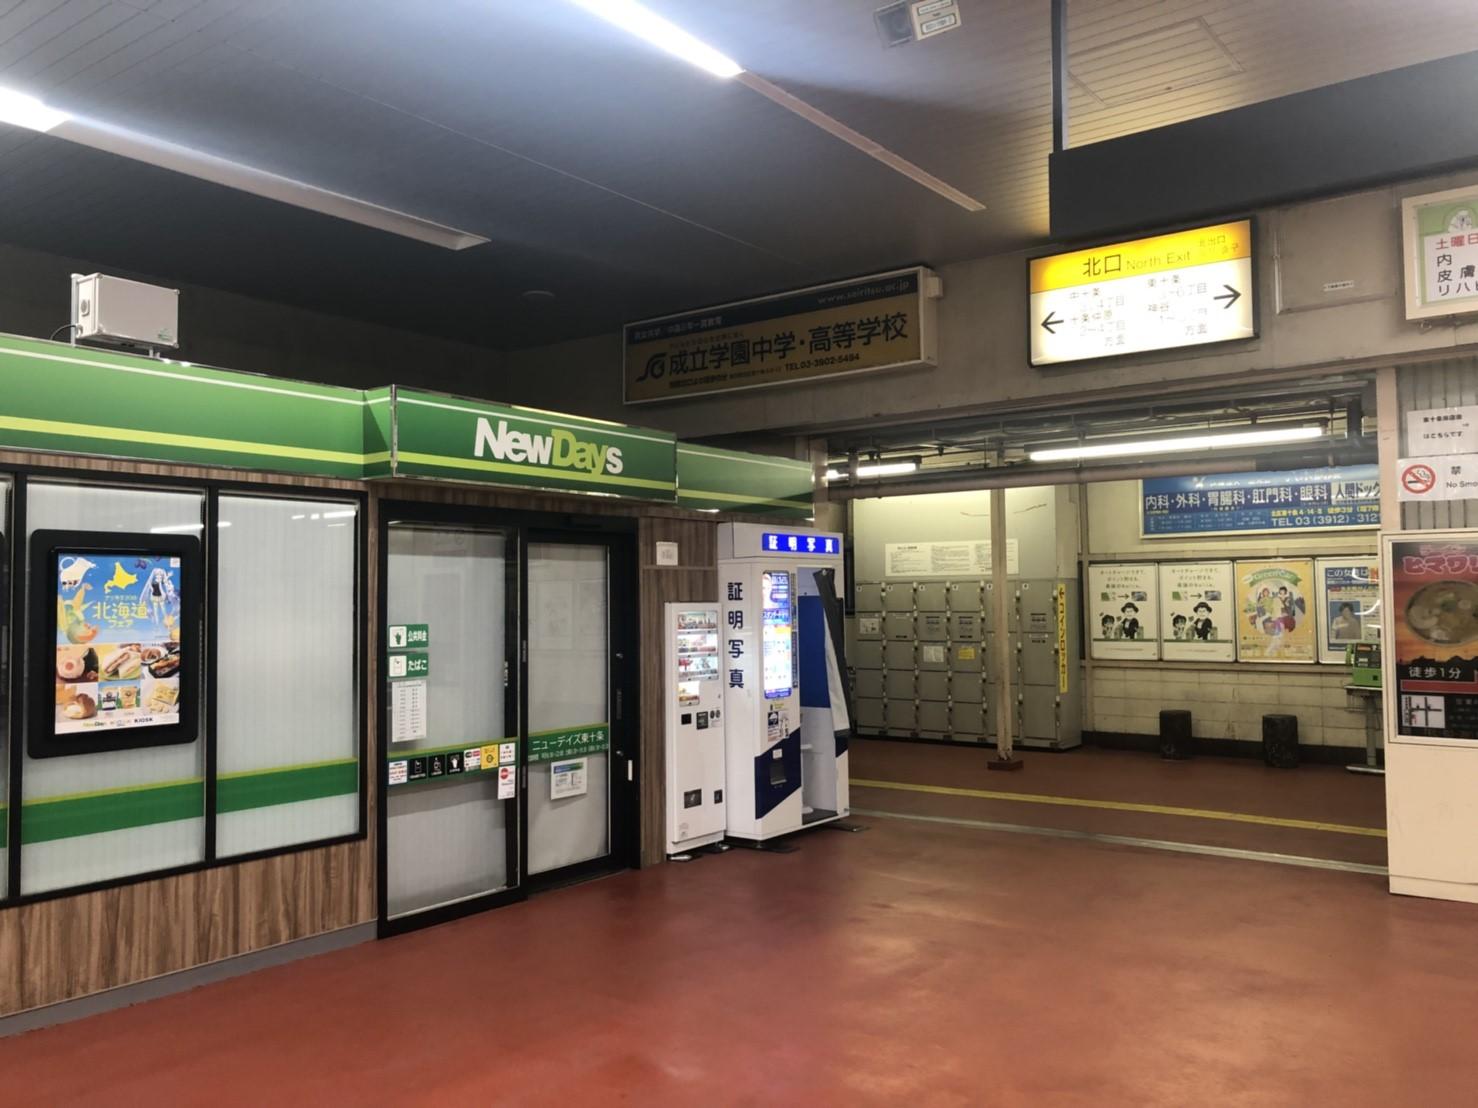 東十条駅北口ニューデイズ